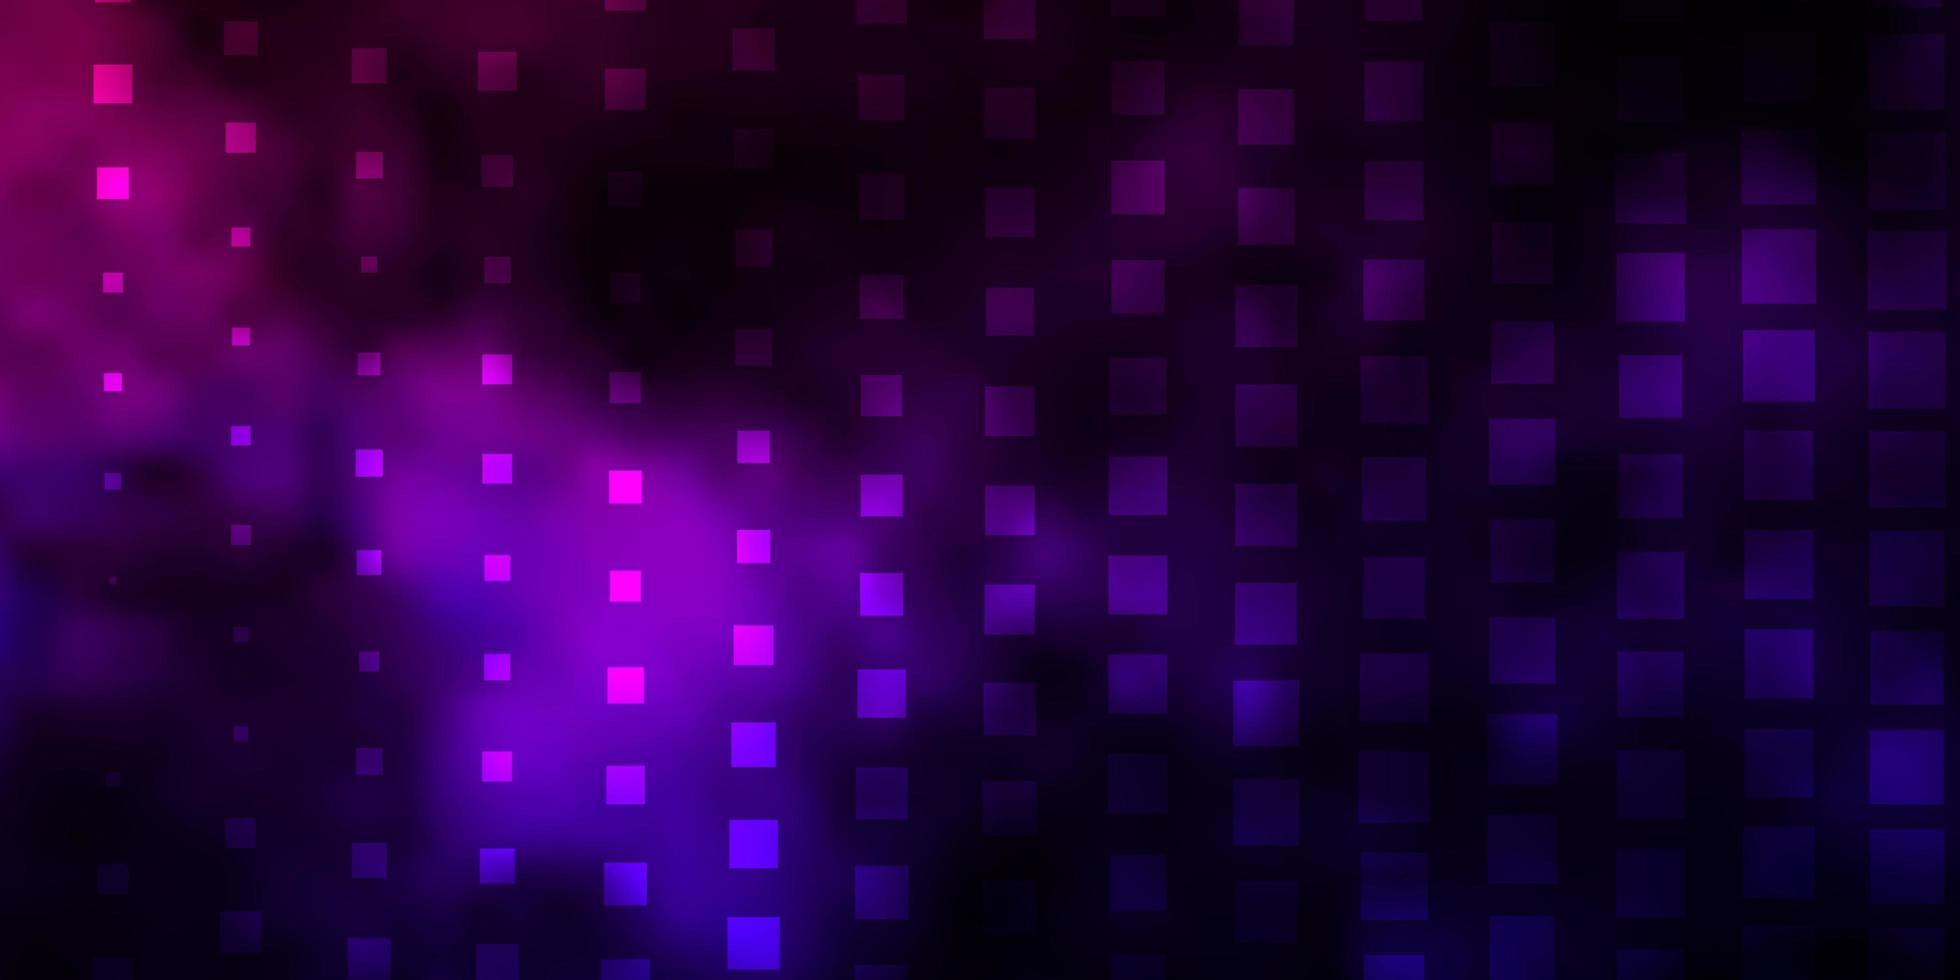 donkerpaars, roze vectorachtergrond met rechthoeken. vector